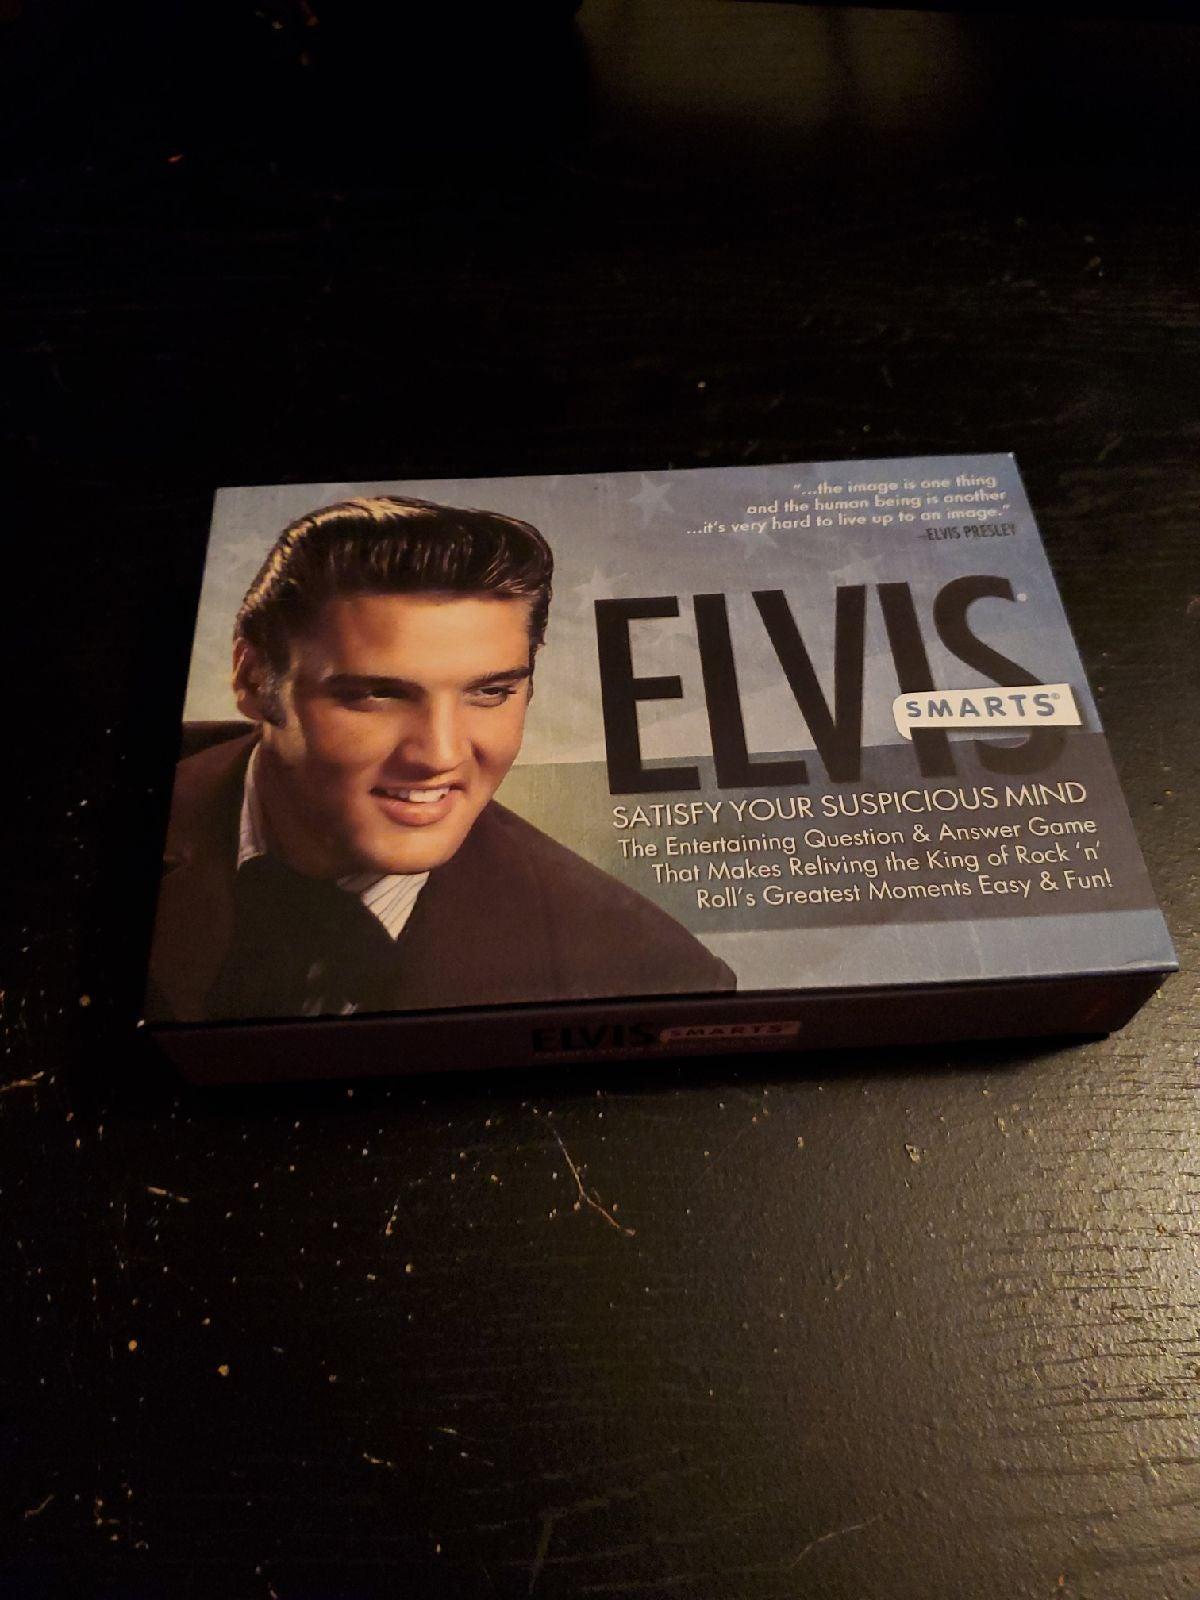 Elvis smarts card game